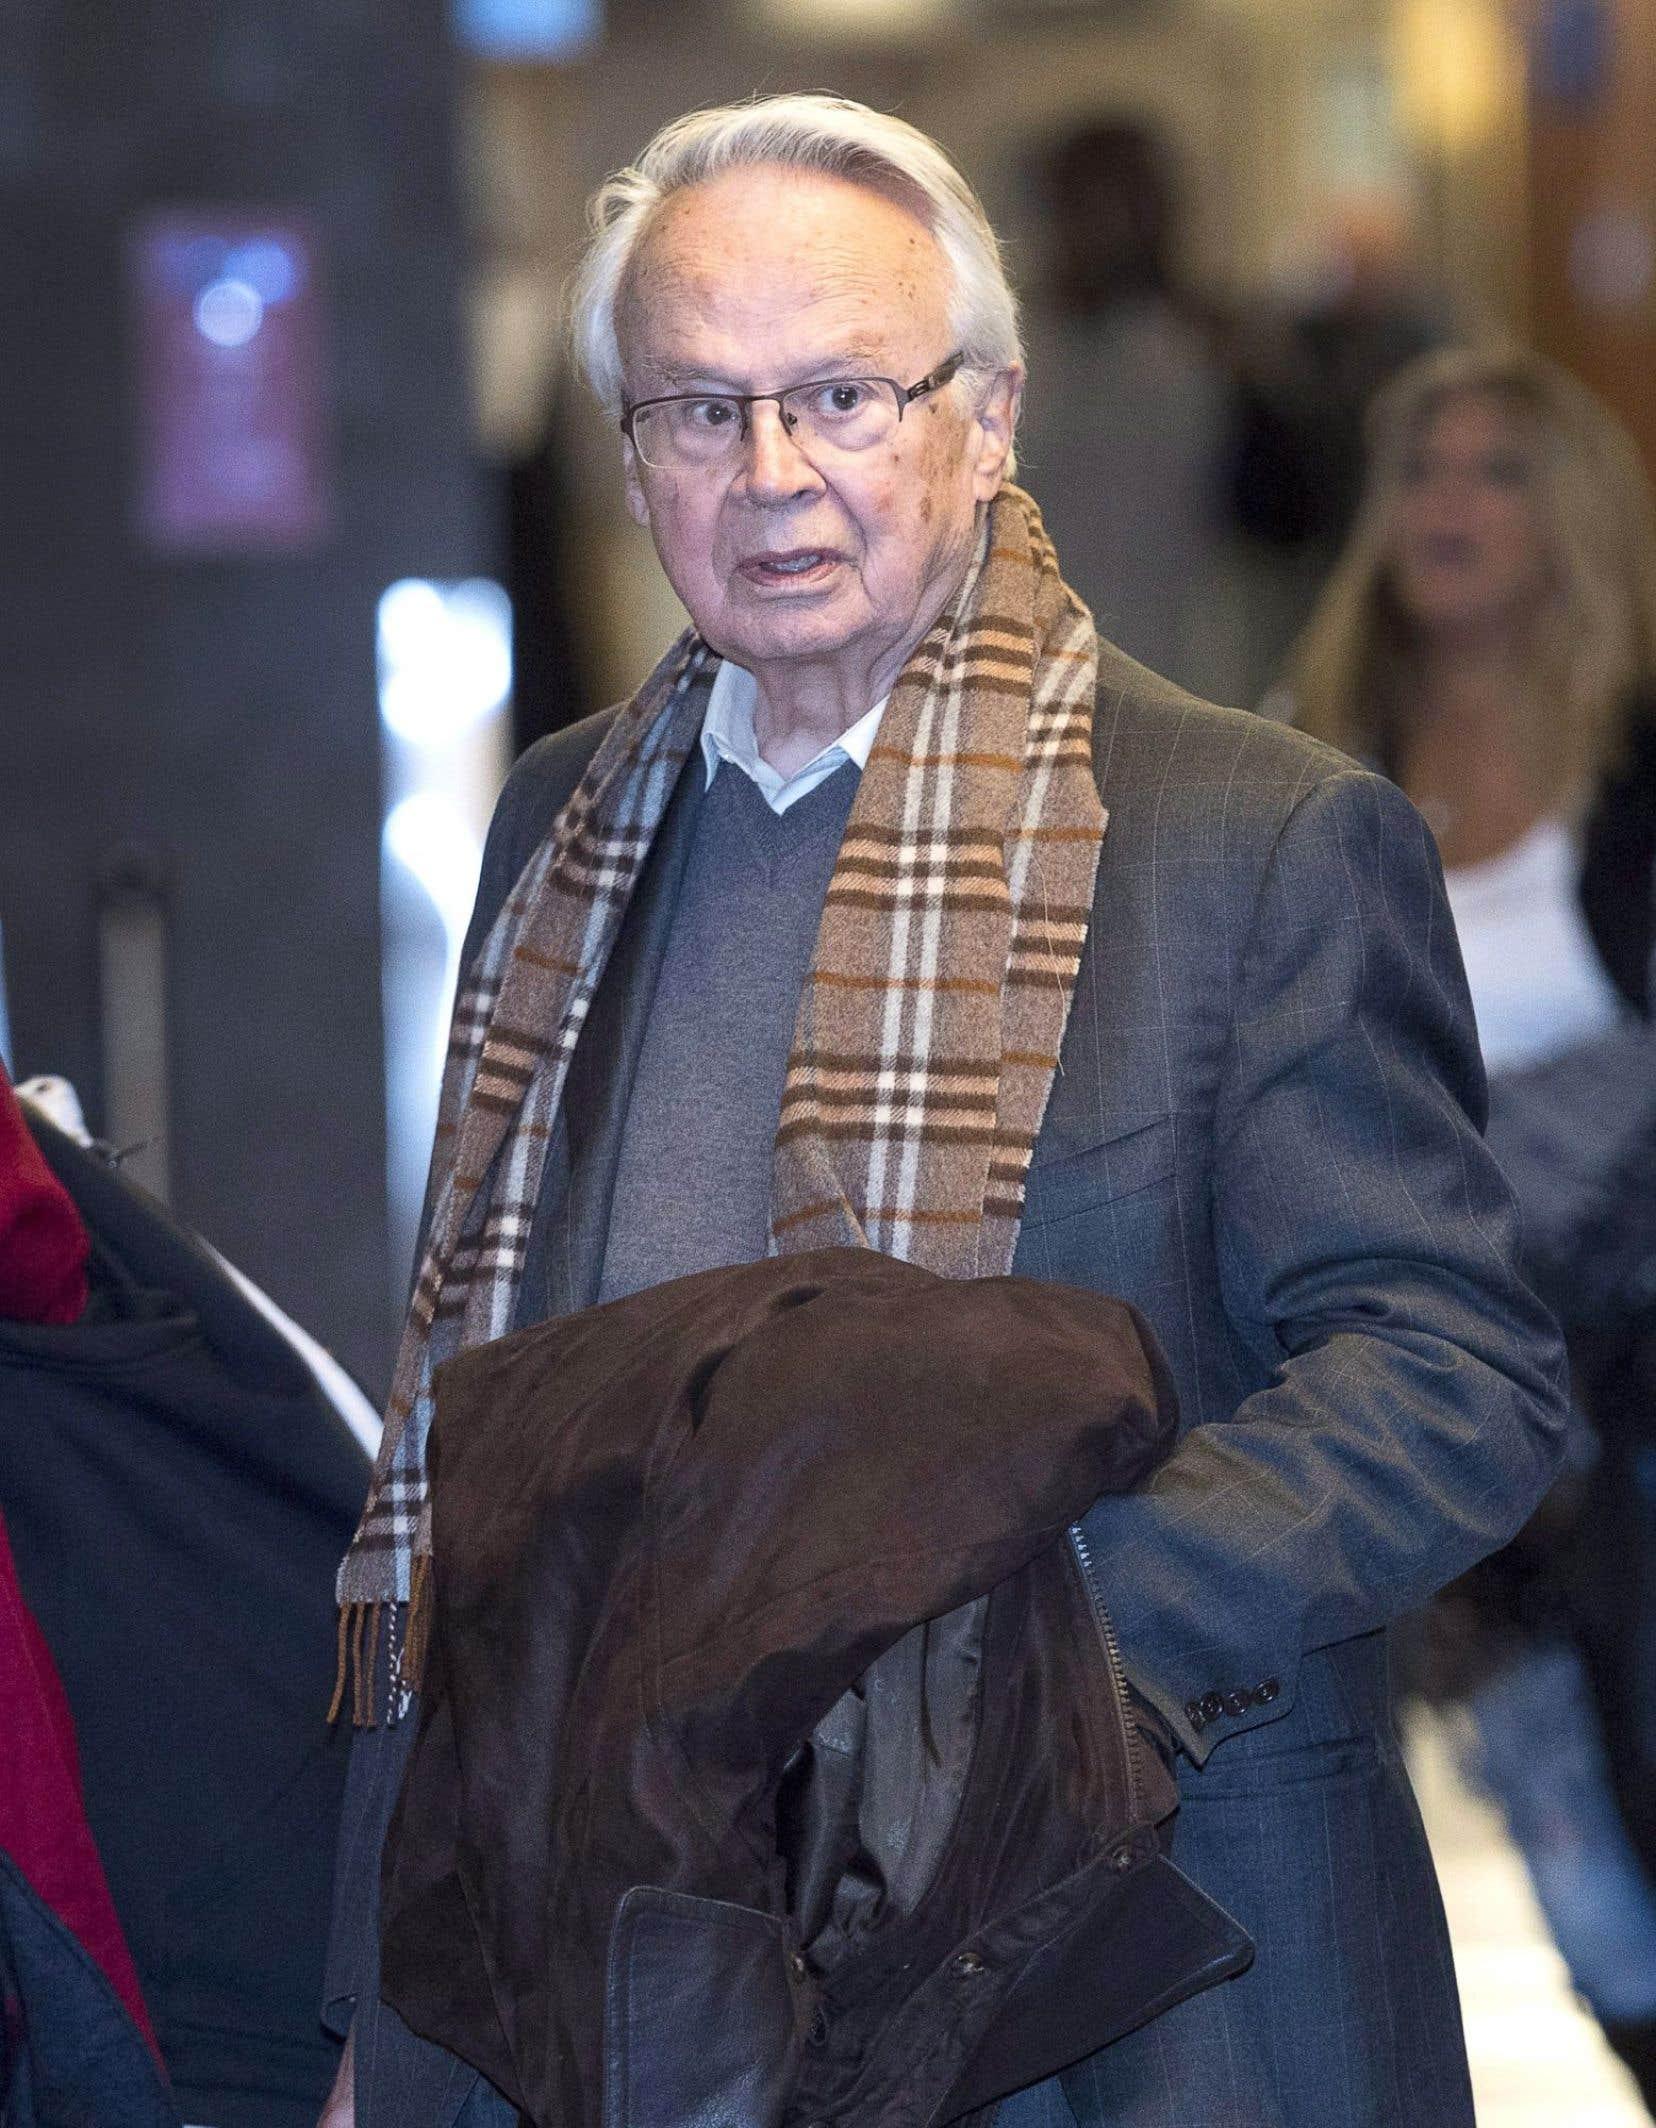 JacquesCorriveau faisait face à des accusations de trafic d'influence, de fabrication de faux documents et de recyclage de produits de la criminalité.